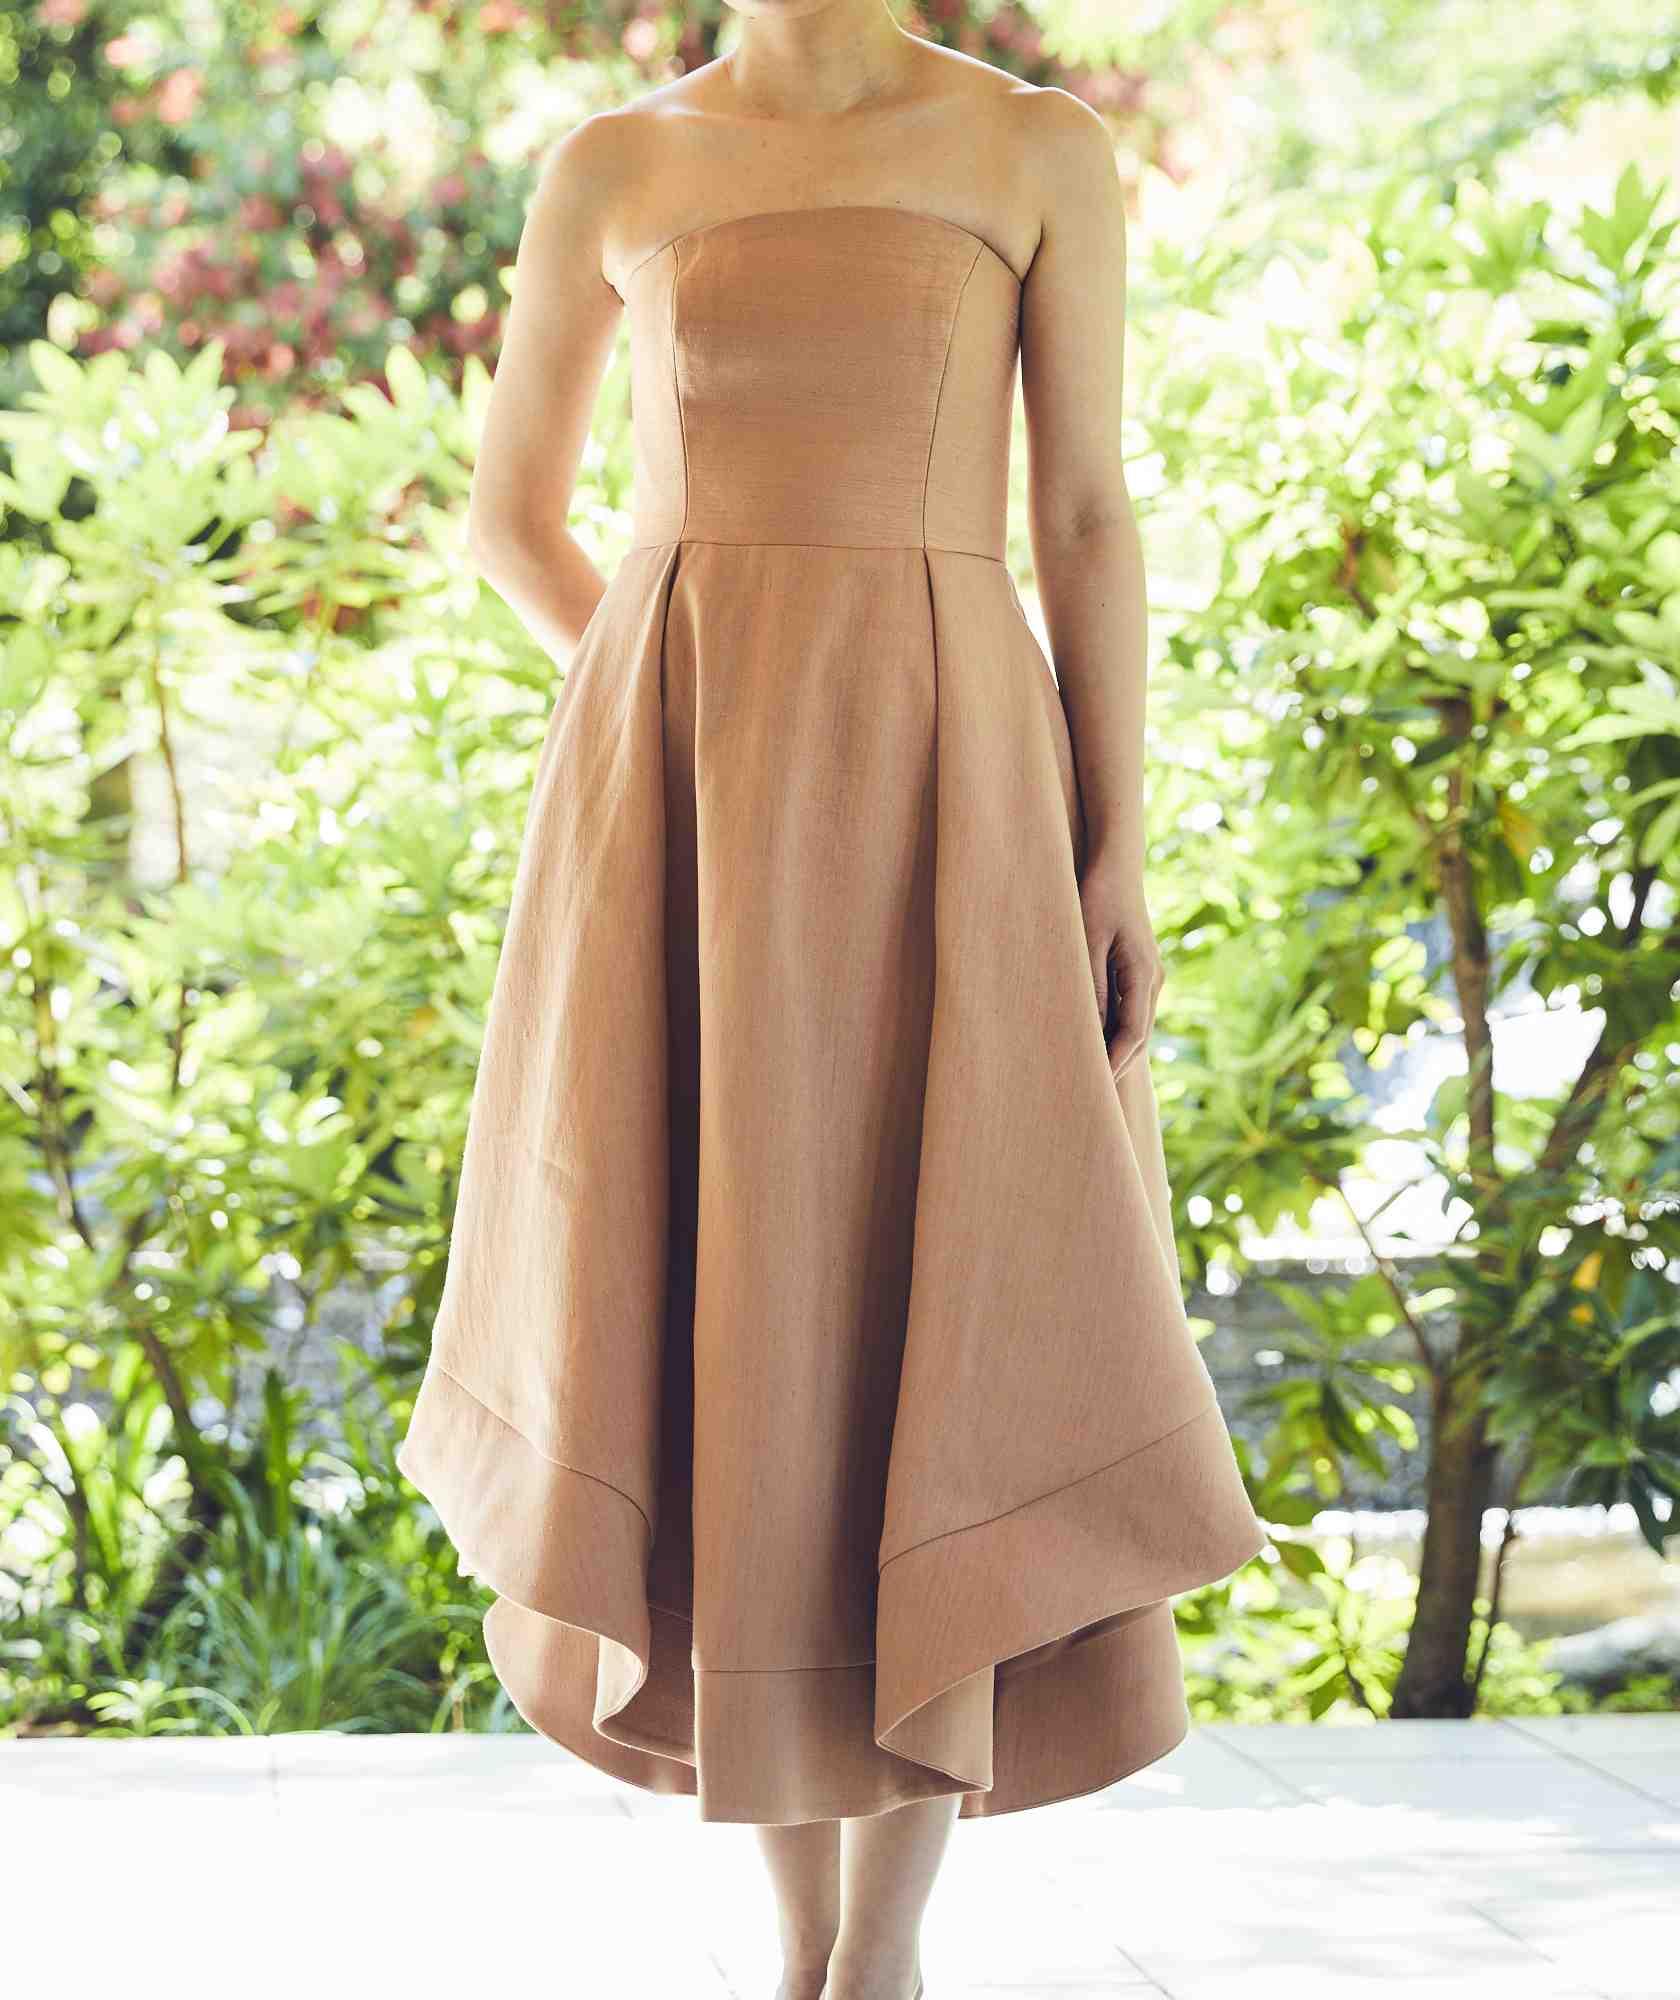 ボリュームラインカラーベアミディアムドレス-ベージュ-M